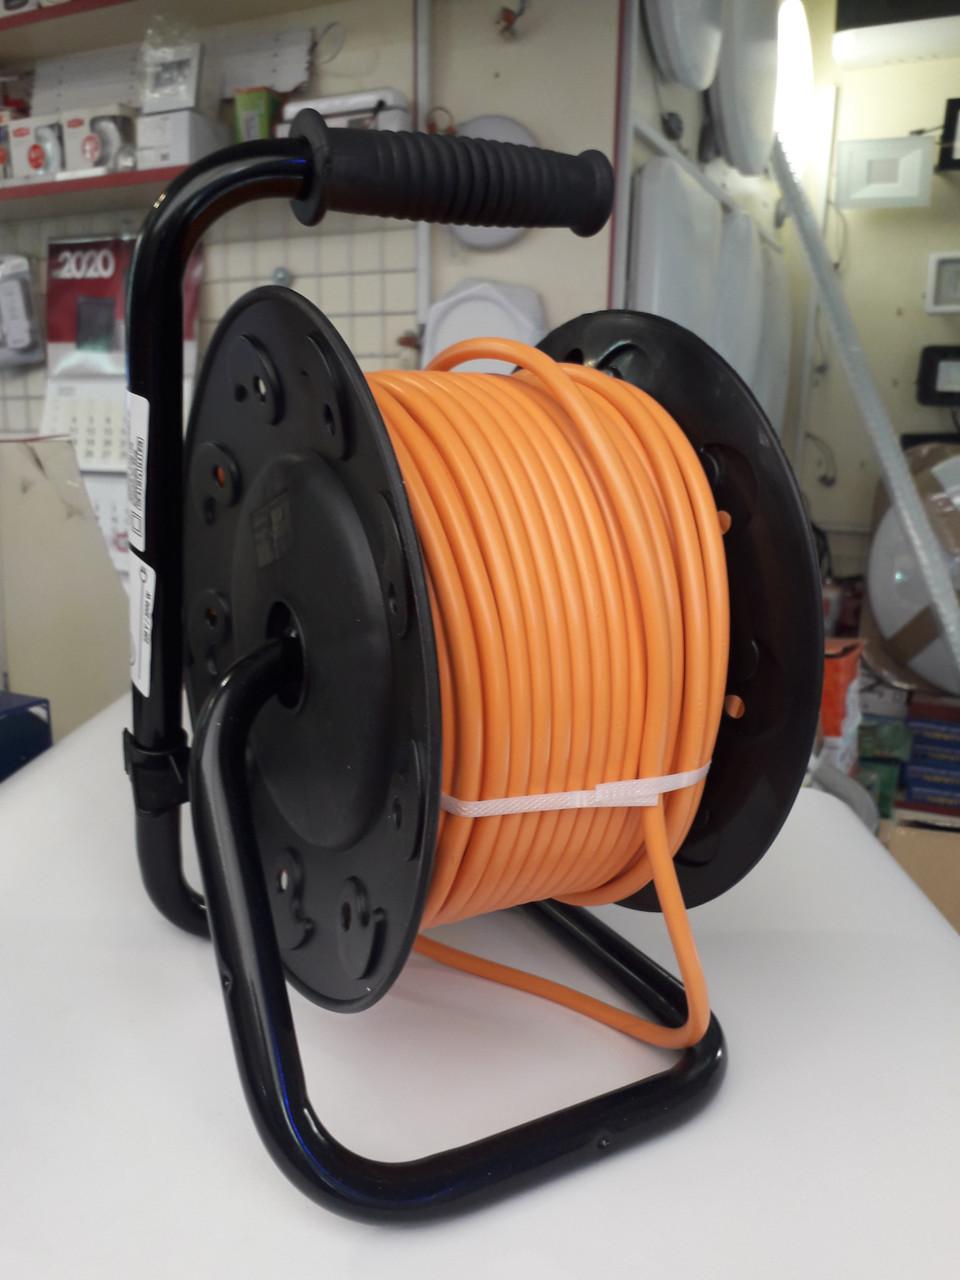 Удлинитель на катушке 30м 3х1,5 мм² ПВС 4 розетки SVITTEX с термозащитой